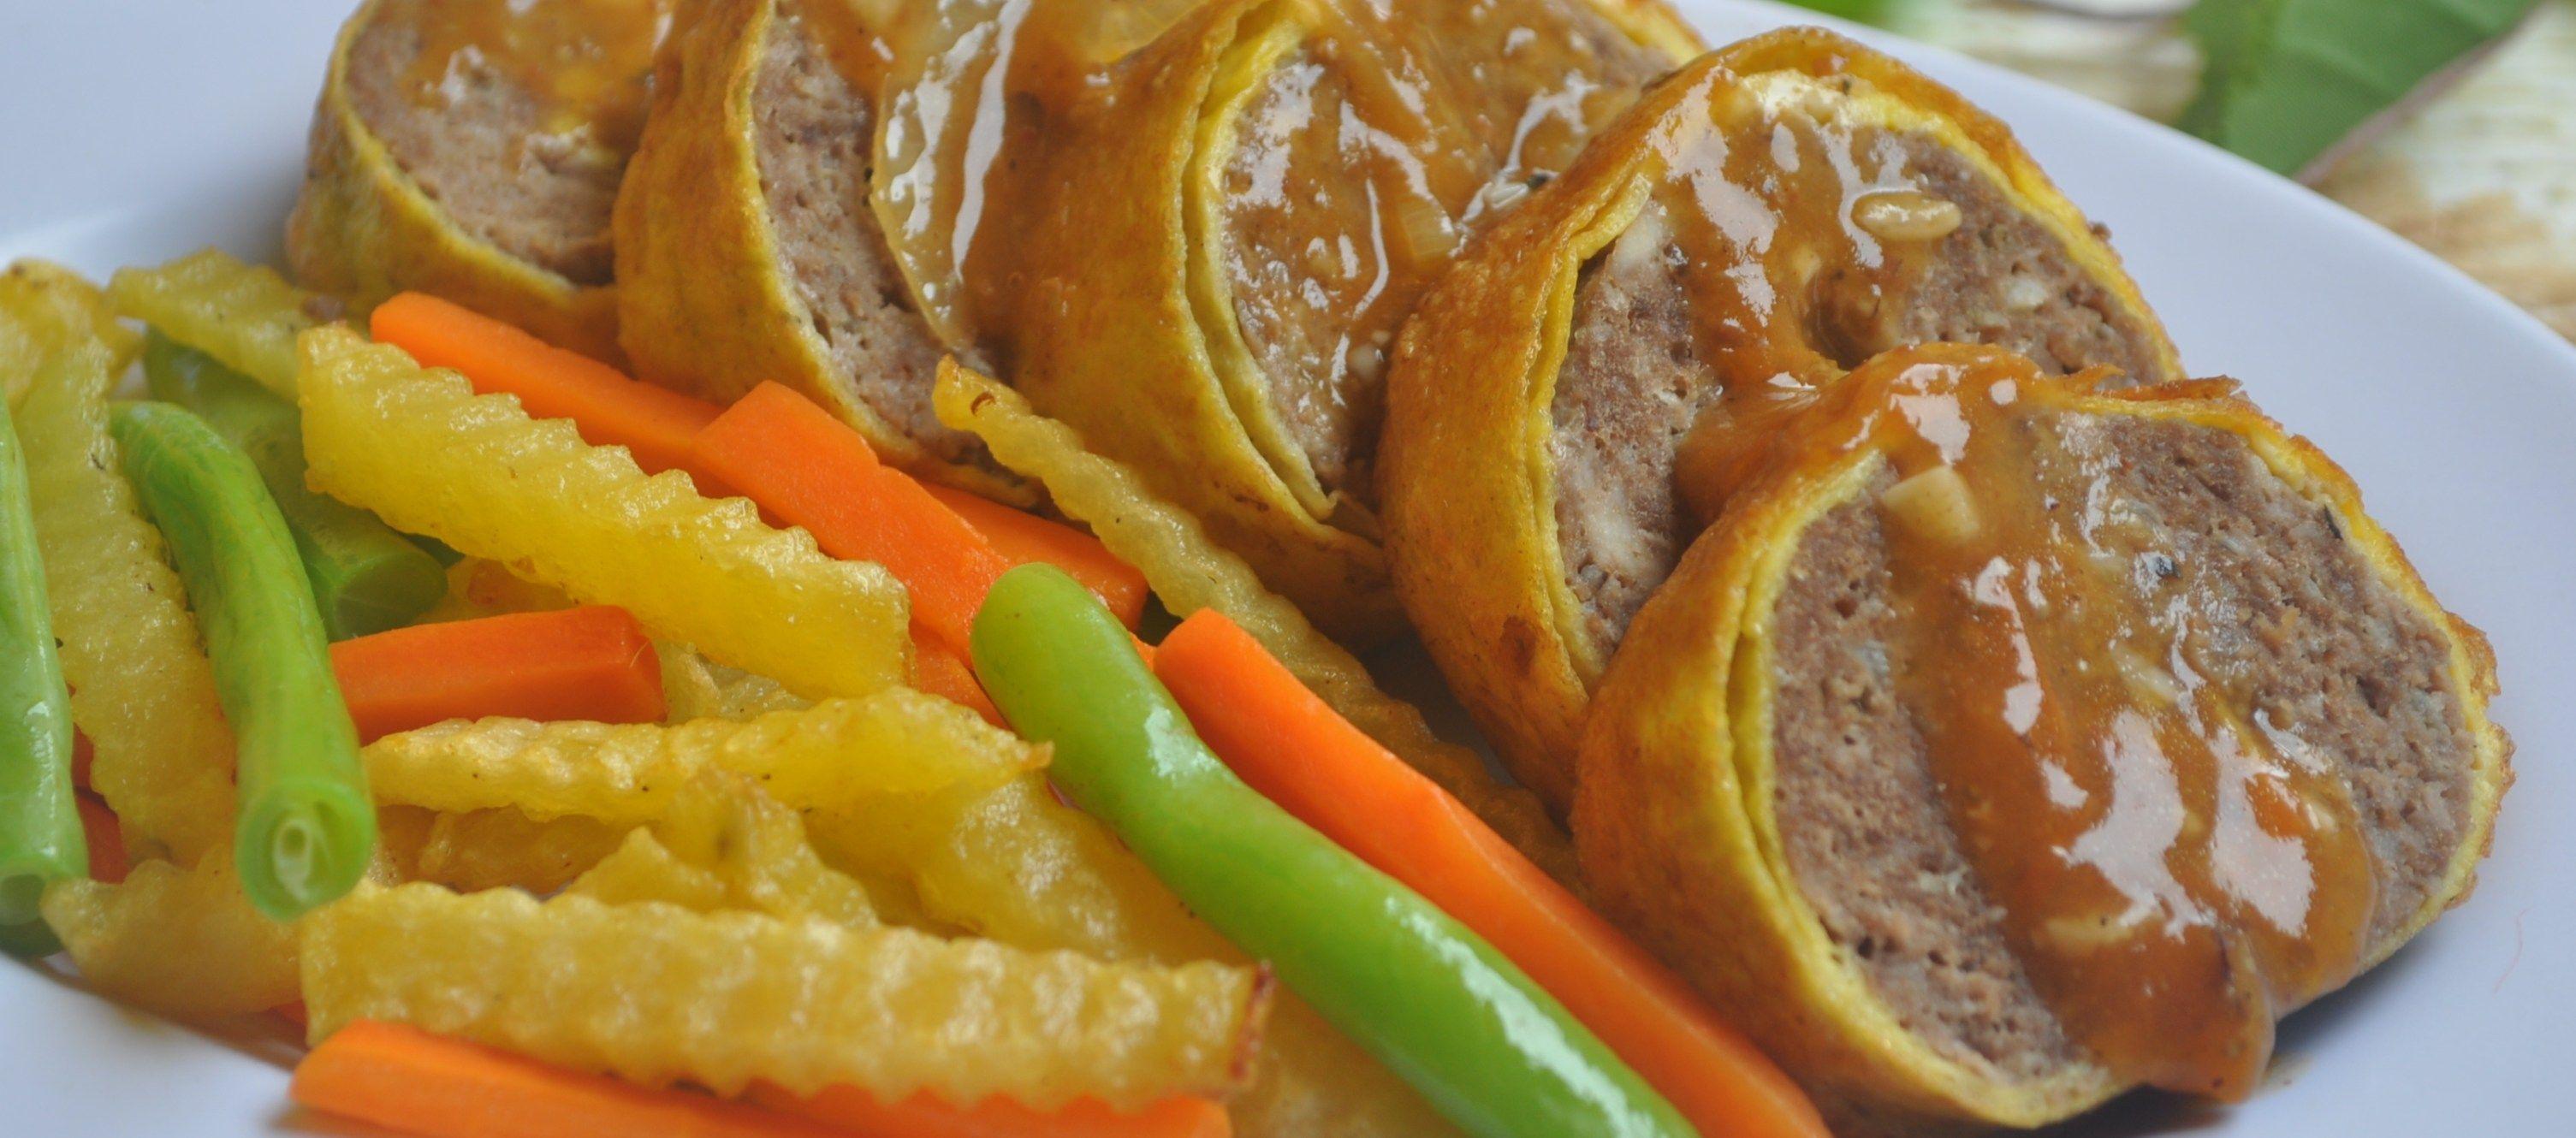 Rolade Daging Sapi Siram Saus Gurih Resep Resepkoki Resep Resep Daging Sapi Daging